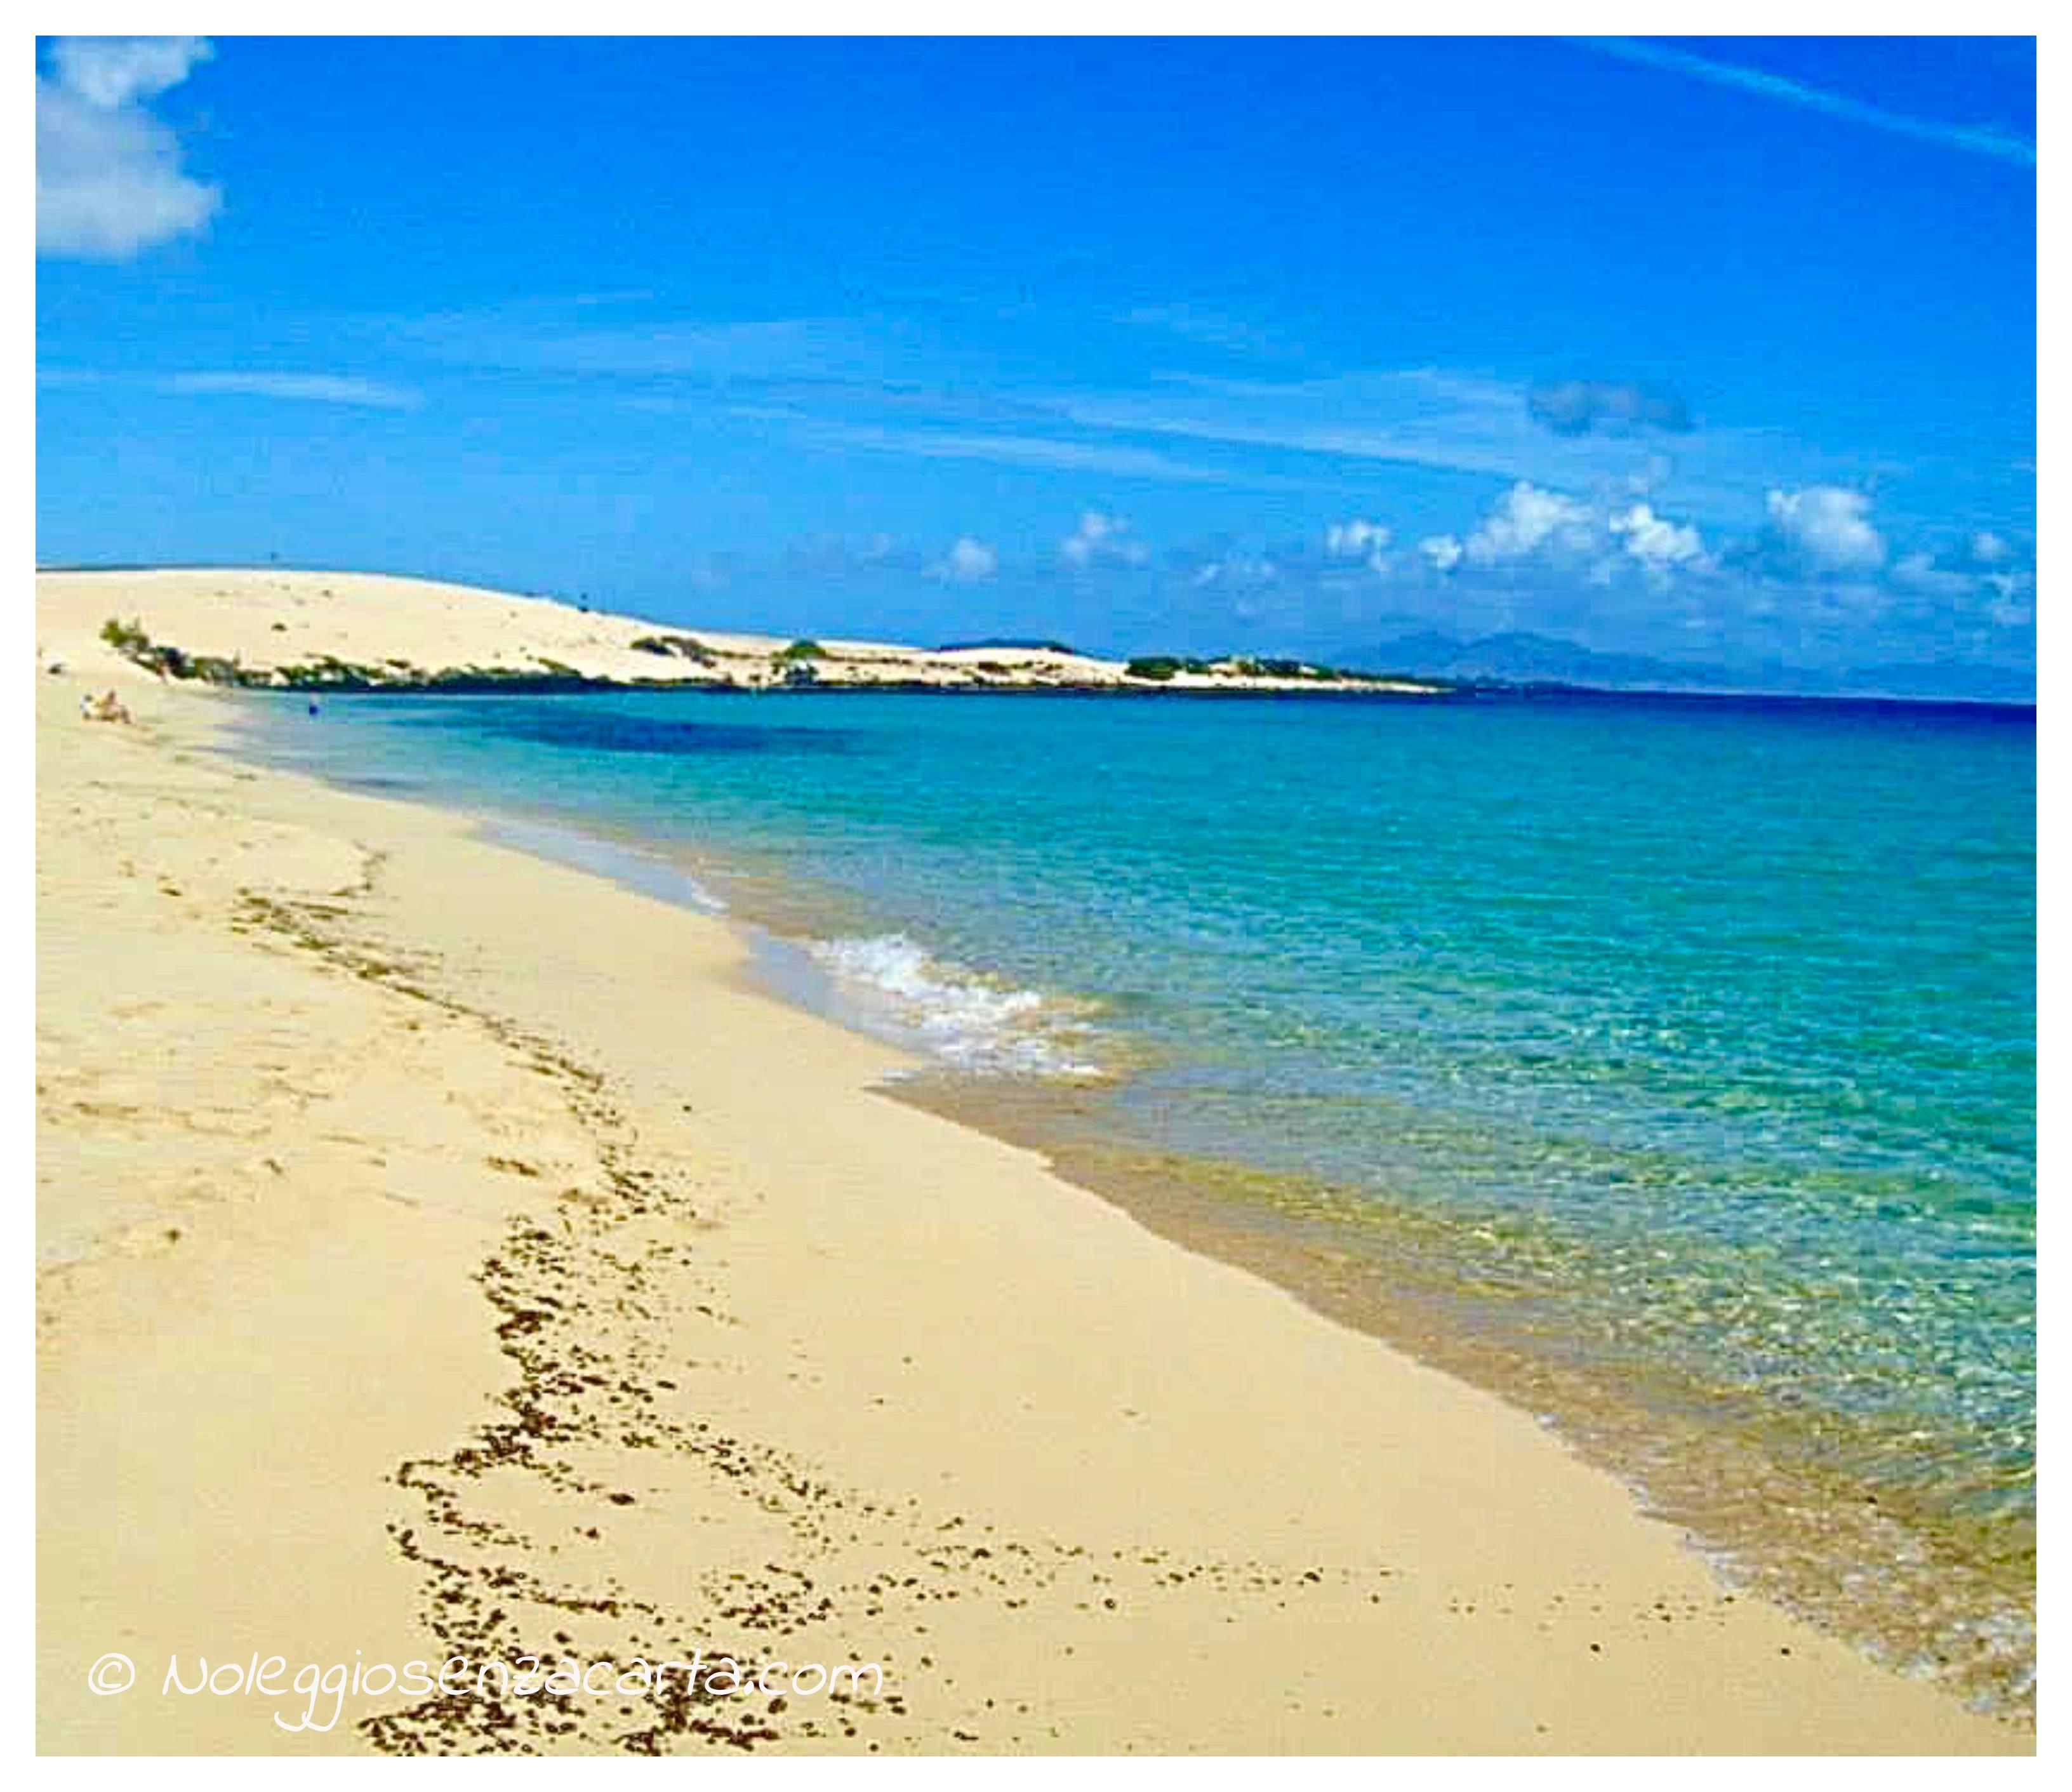 Noleggiare auto senza carta di credito a Fuerteventura